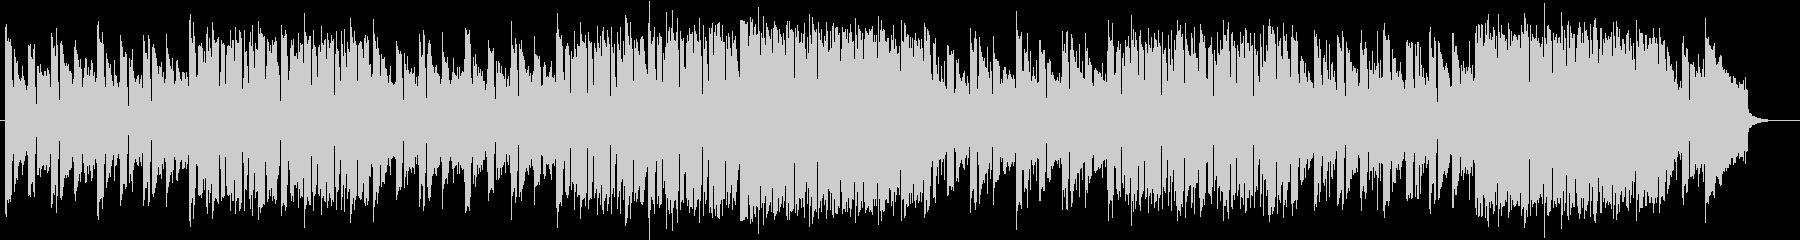 アップテンポなリズムが特徴のポップの未再生の波形